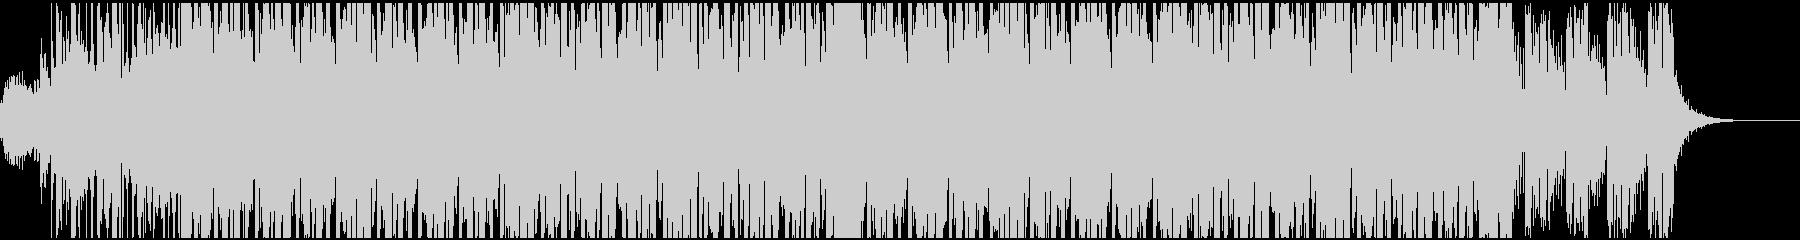 EDMサウンド。CMなどの映像BGMにの未再生の波形